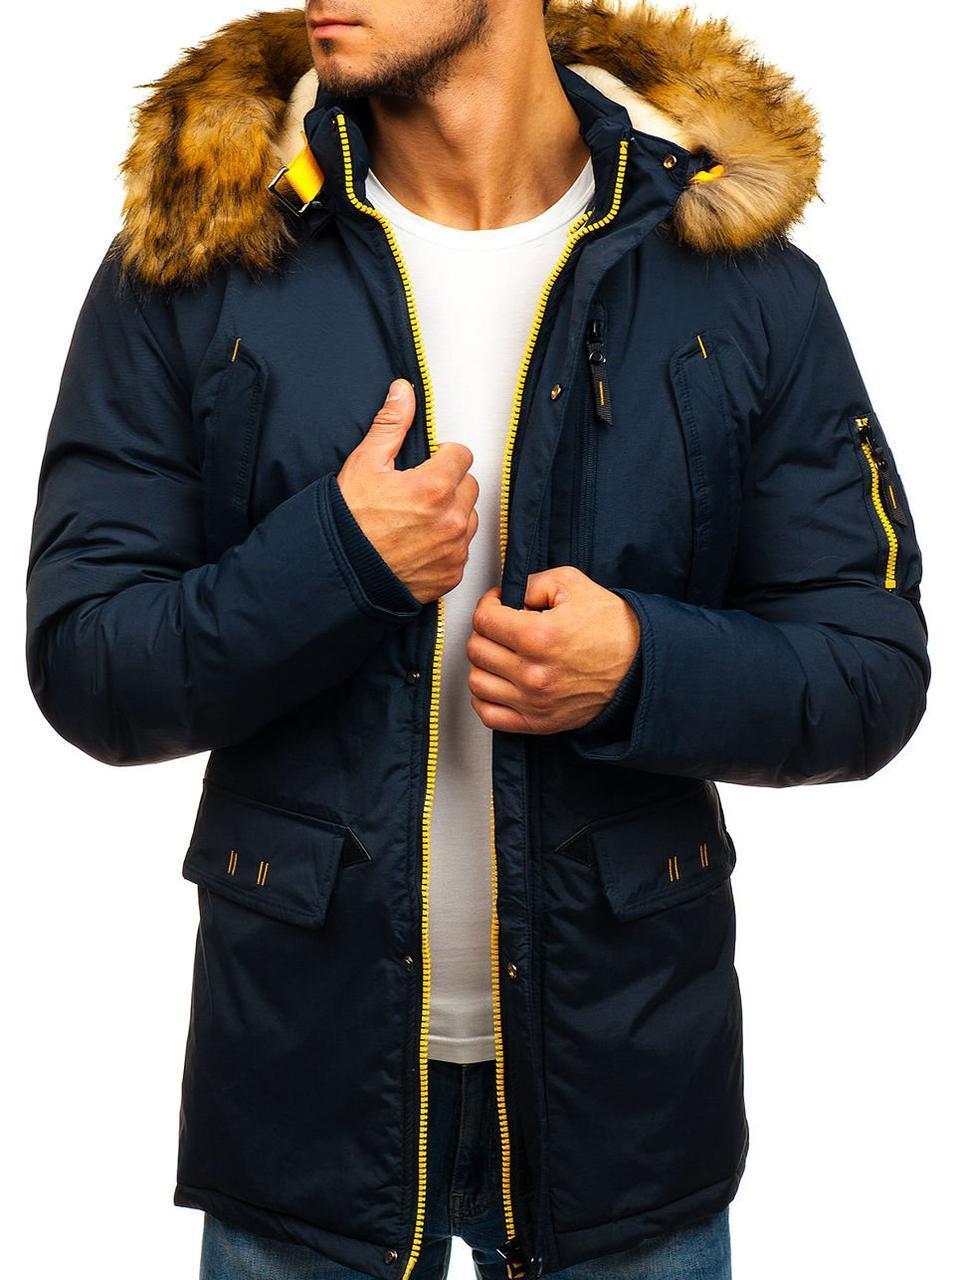 Зимняя спортивная мужская куртка с капюшоном Синий